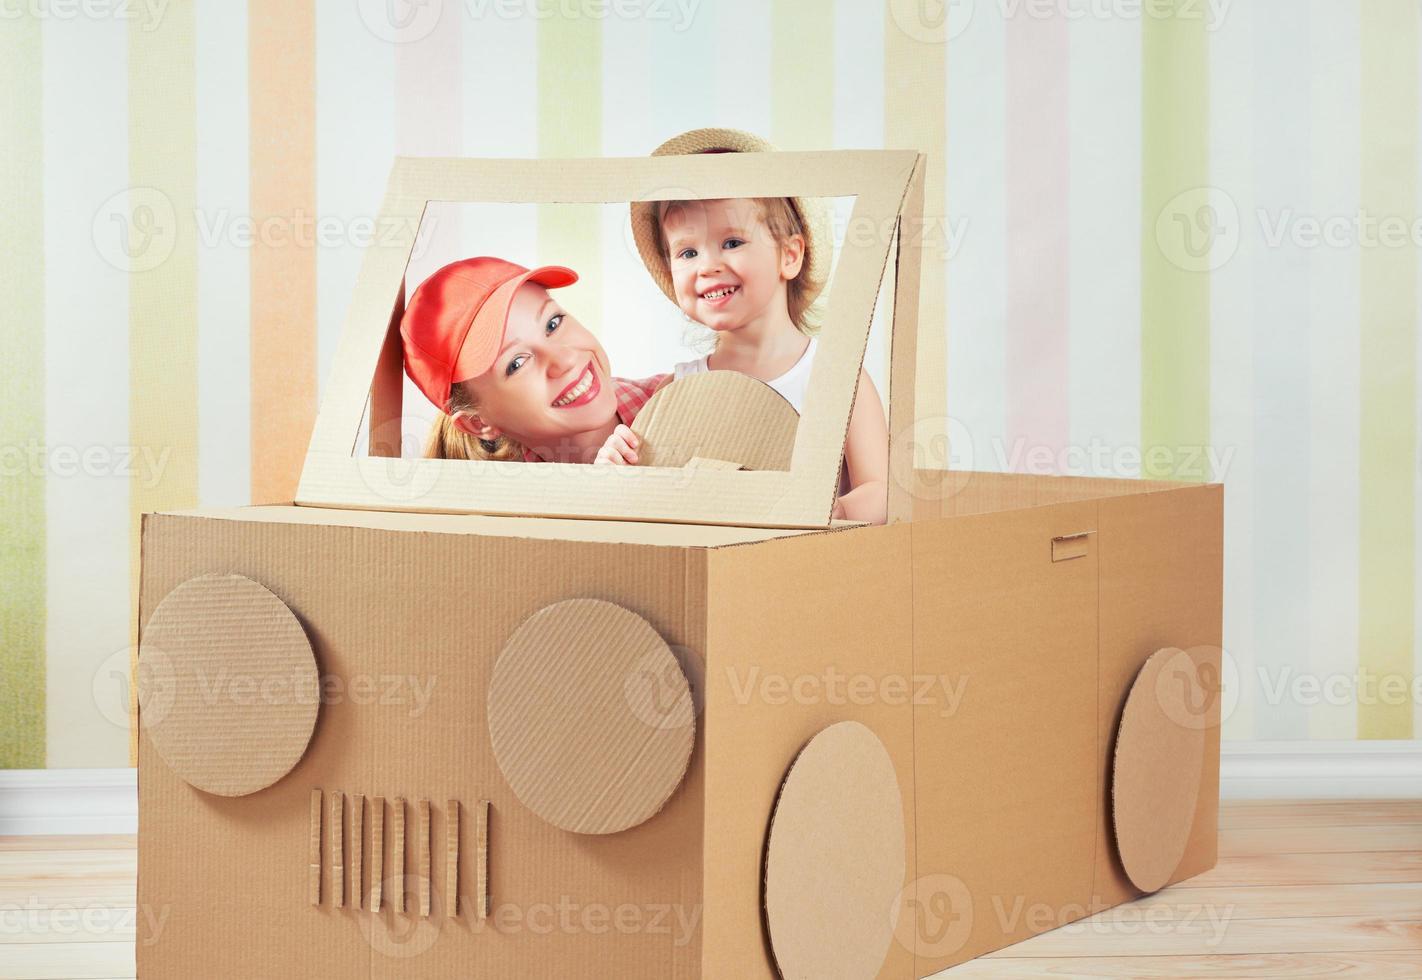 glückliche Familienmutter und kleine Tochter fahren auf Spielzeugauto foto